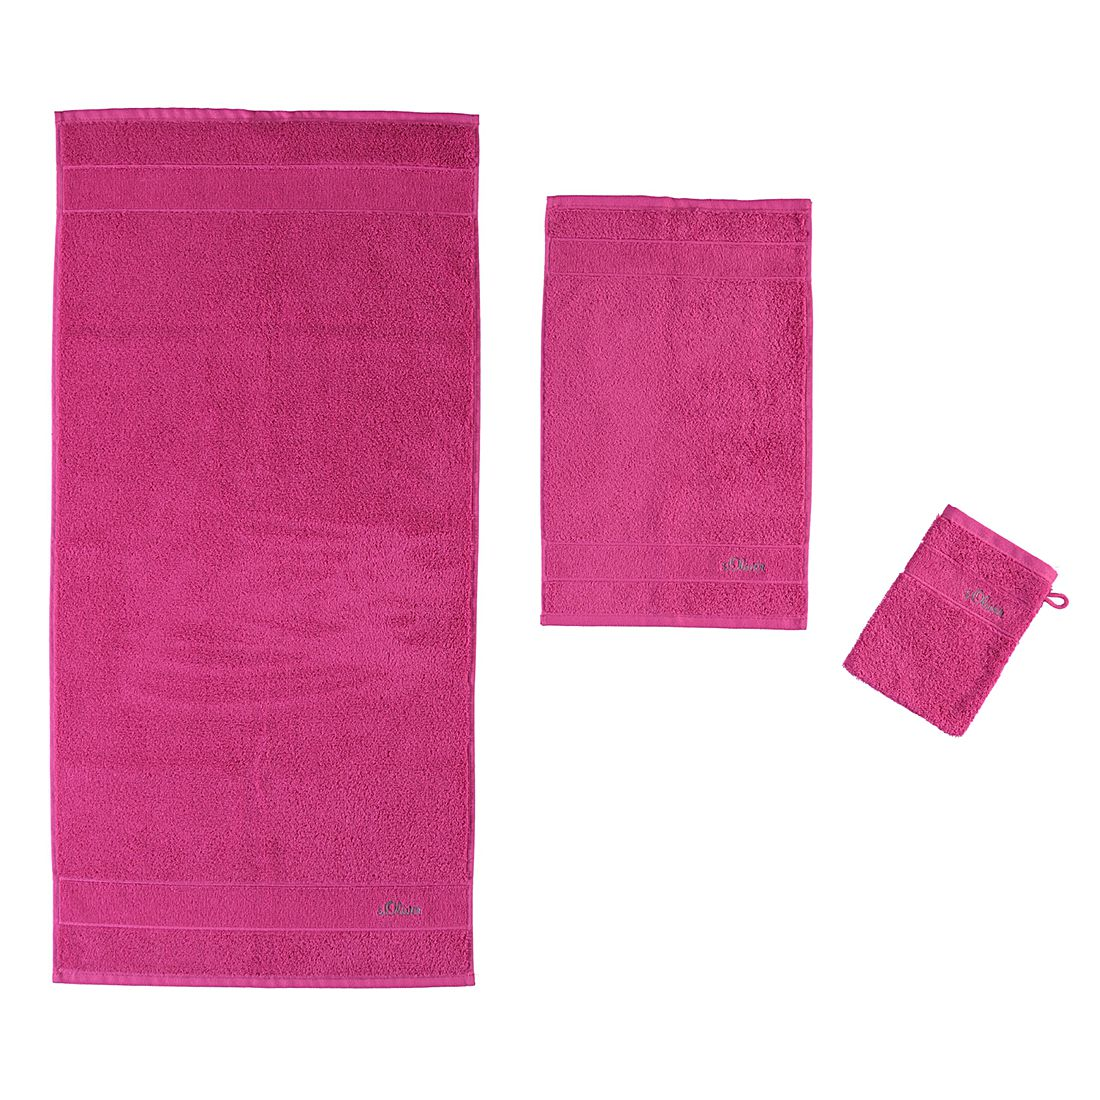 Handtücher Uni 3700 – Baumwolle – Pink – Duschtuch 70×140 cm, s.Oliver online kaufen